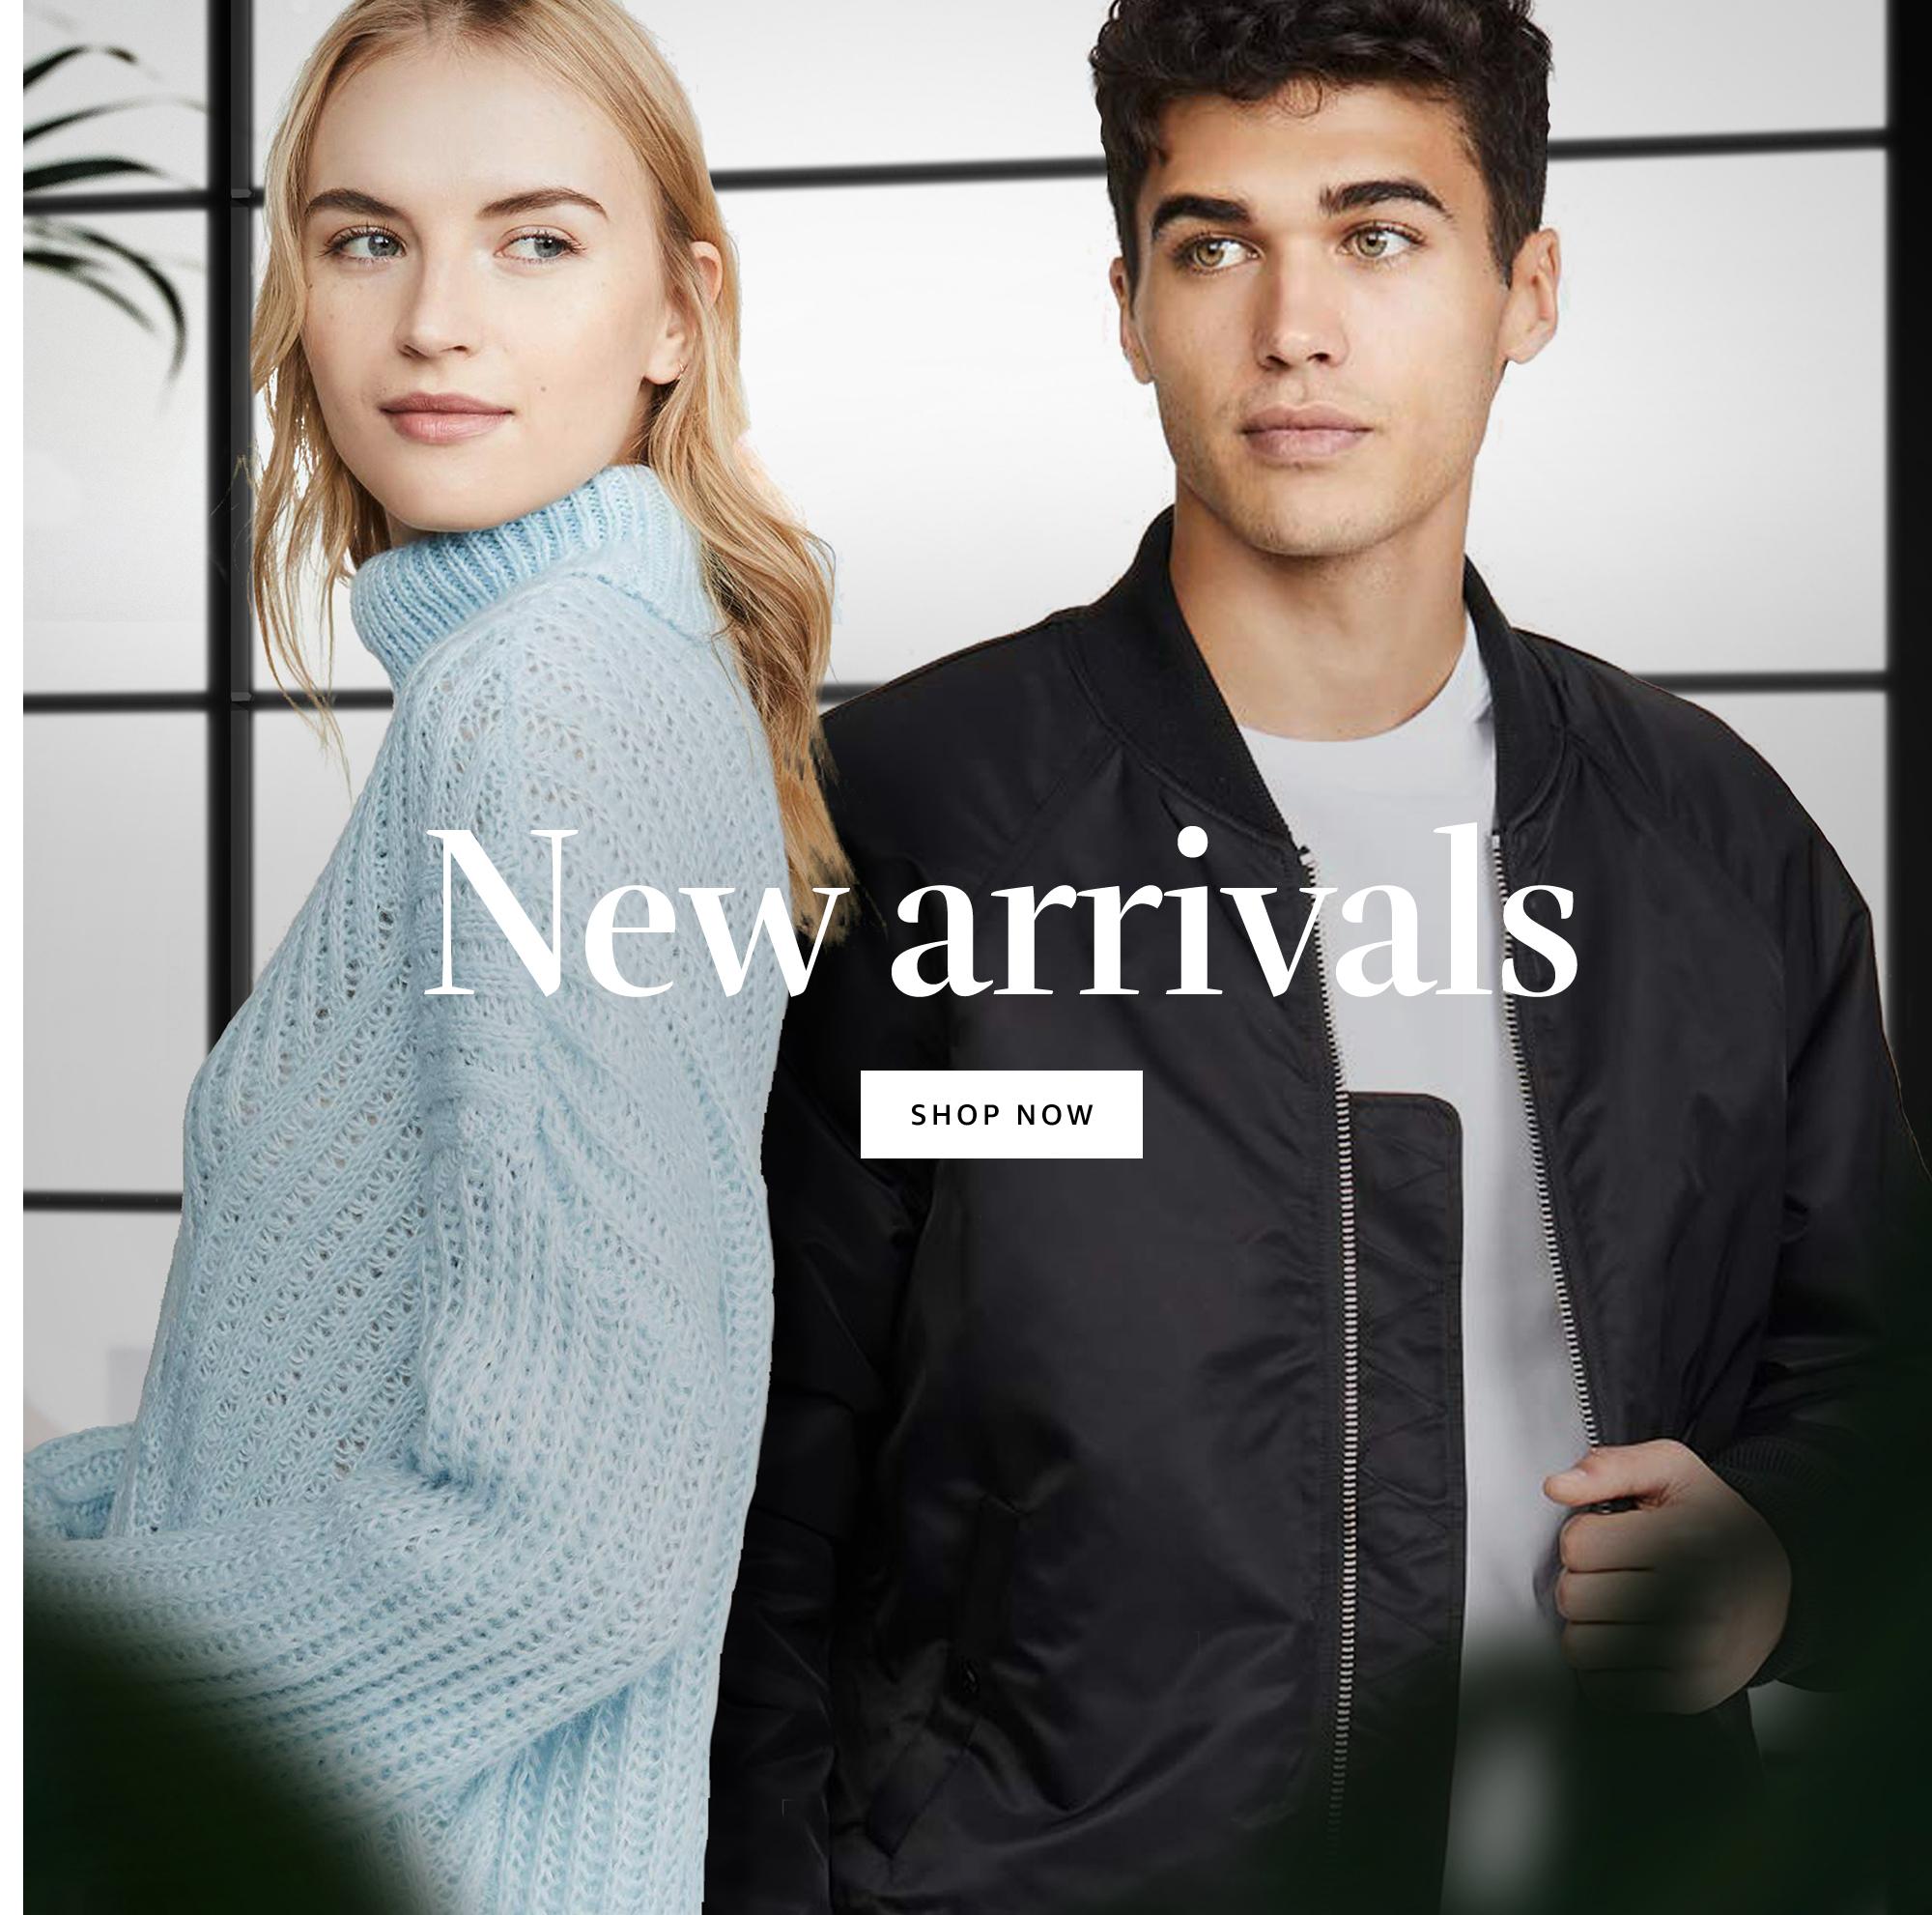 Amazon Fashion | Clothing, Shoes & Jewelry |